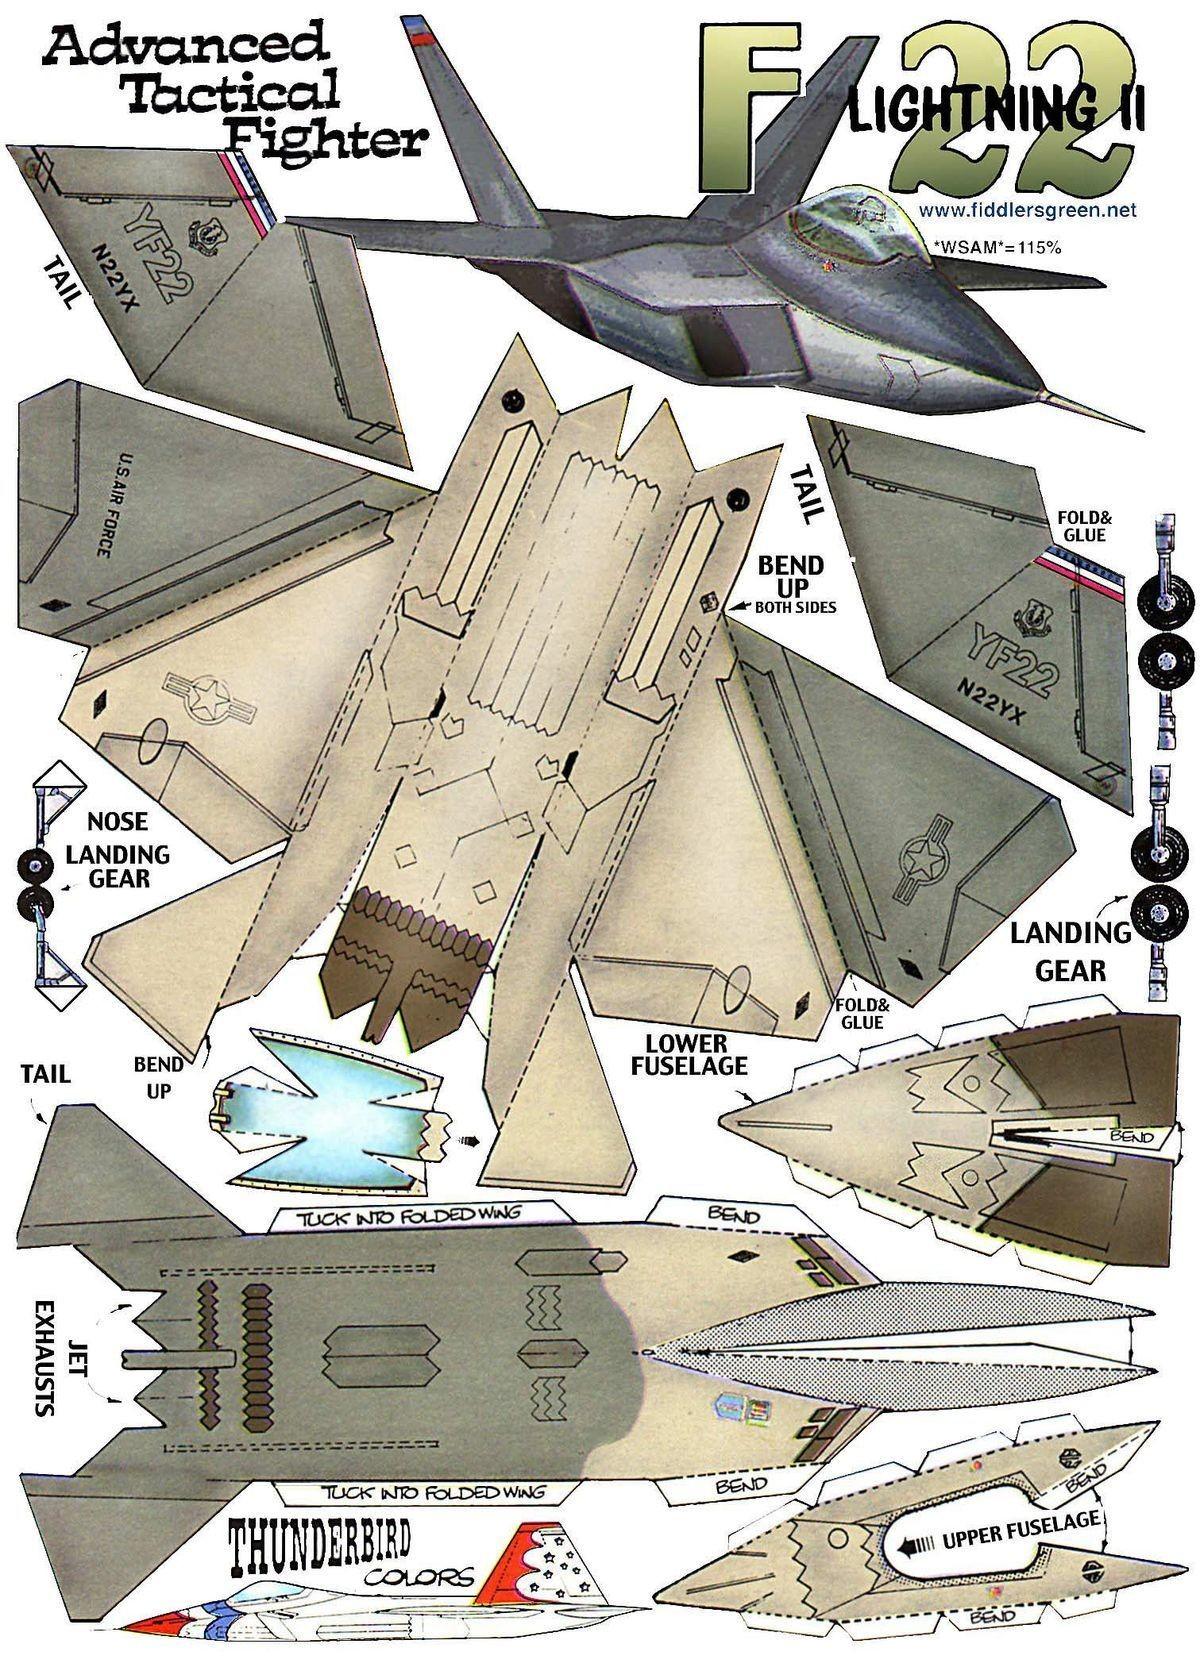 Papercraft Airplanes 6f182ac D378aaebcb9a A0 1 200—1 667 Pixels